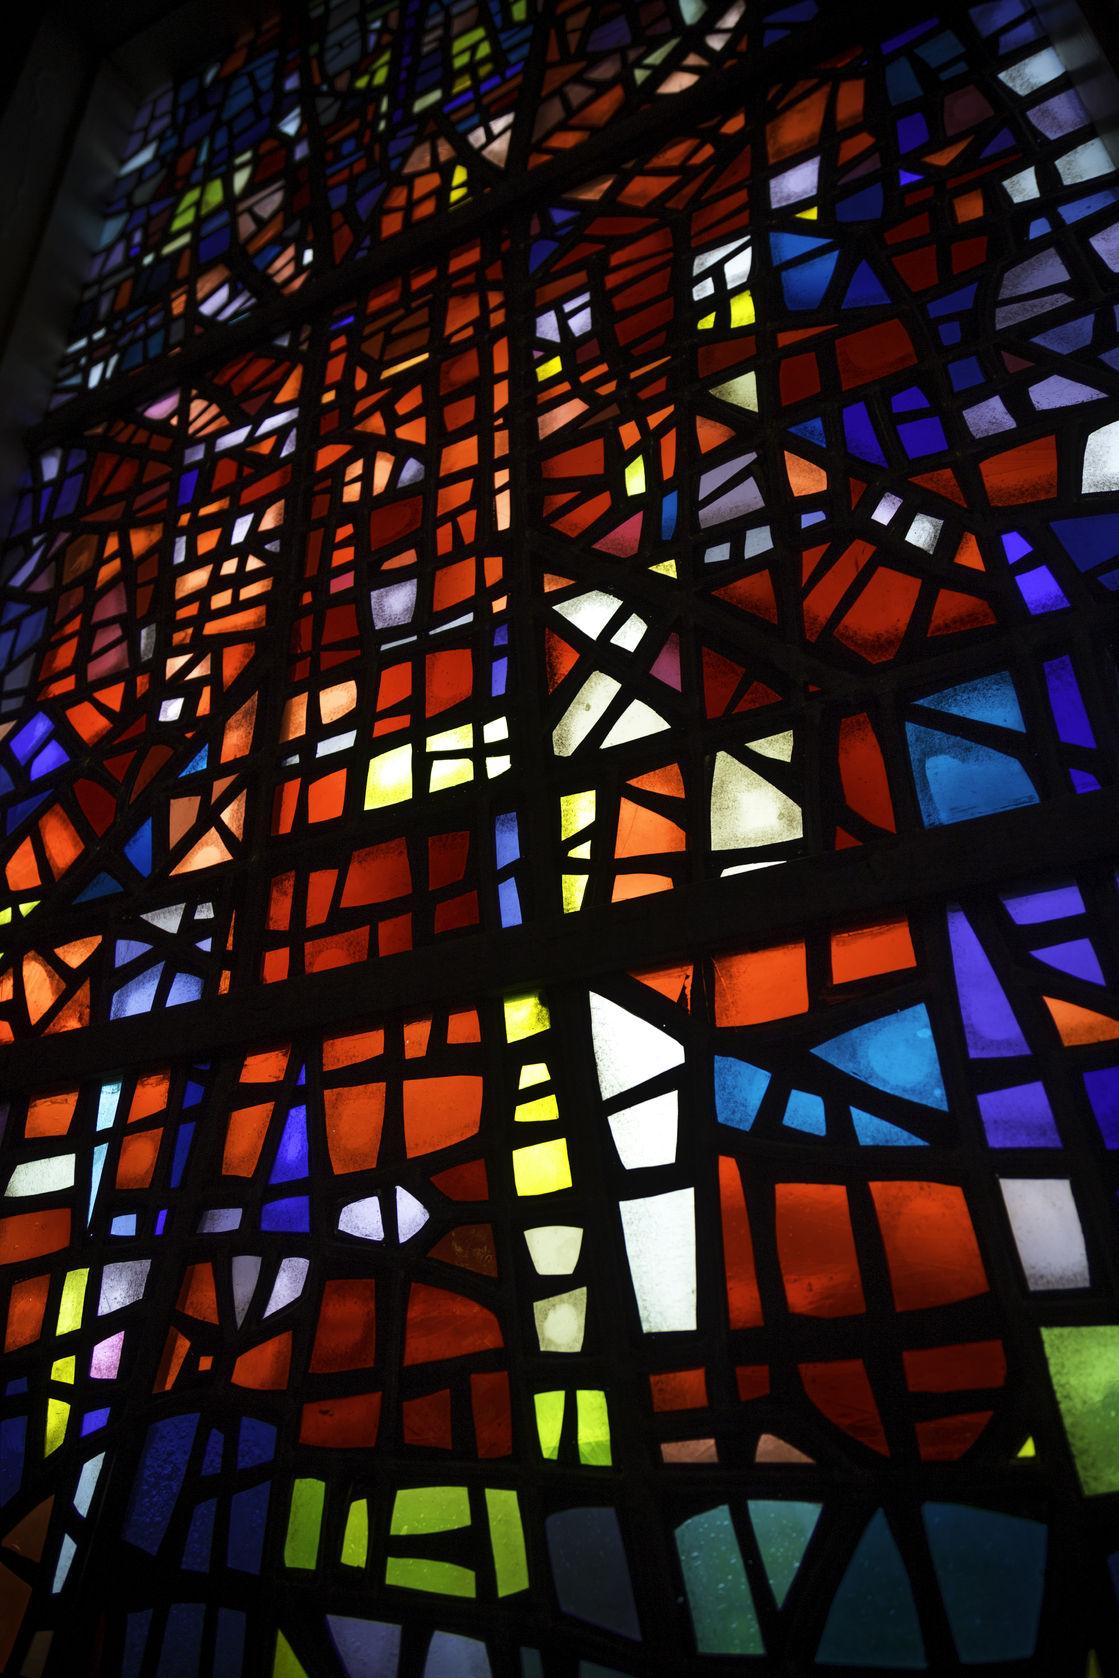 Witraż katedra w Skalholt - prawo autorskie dendron /123RF zdjęcie seryjne.jpg